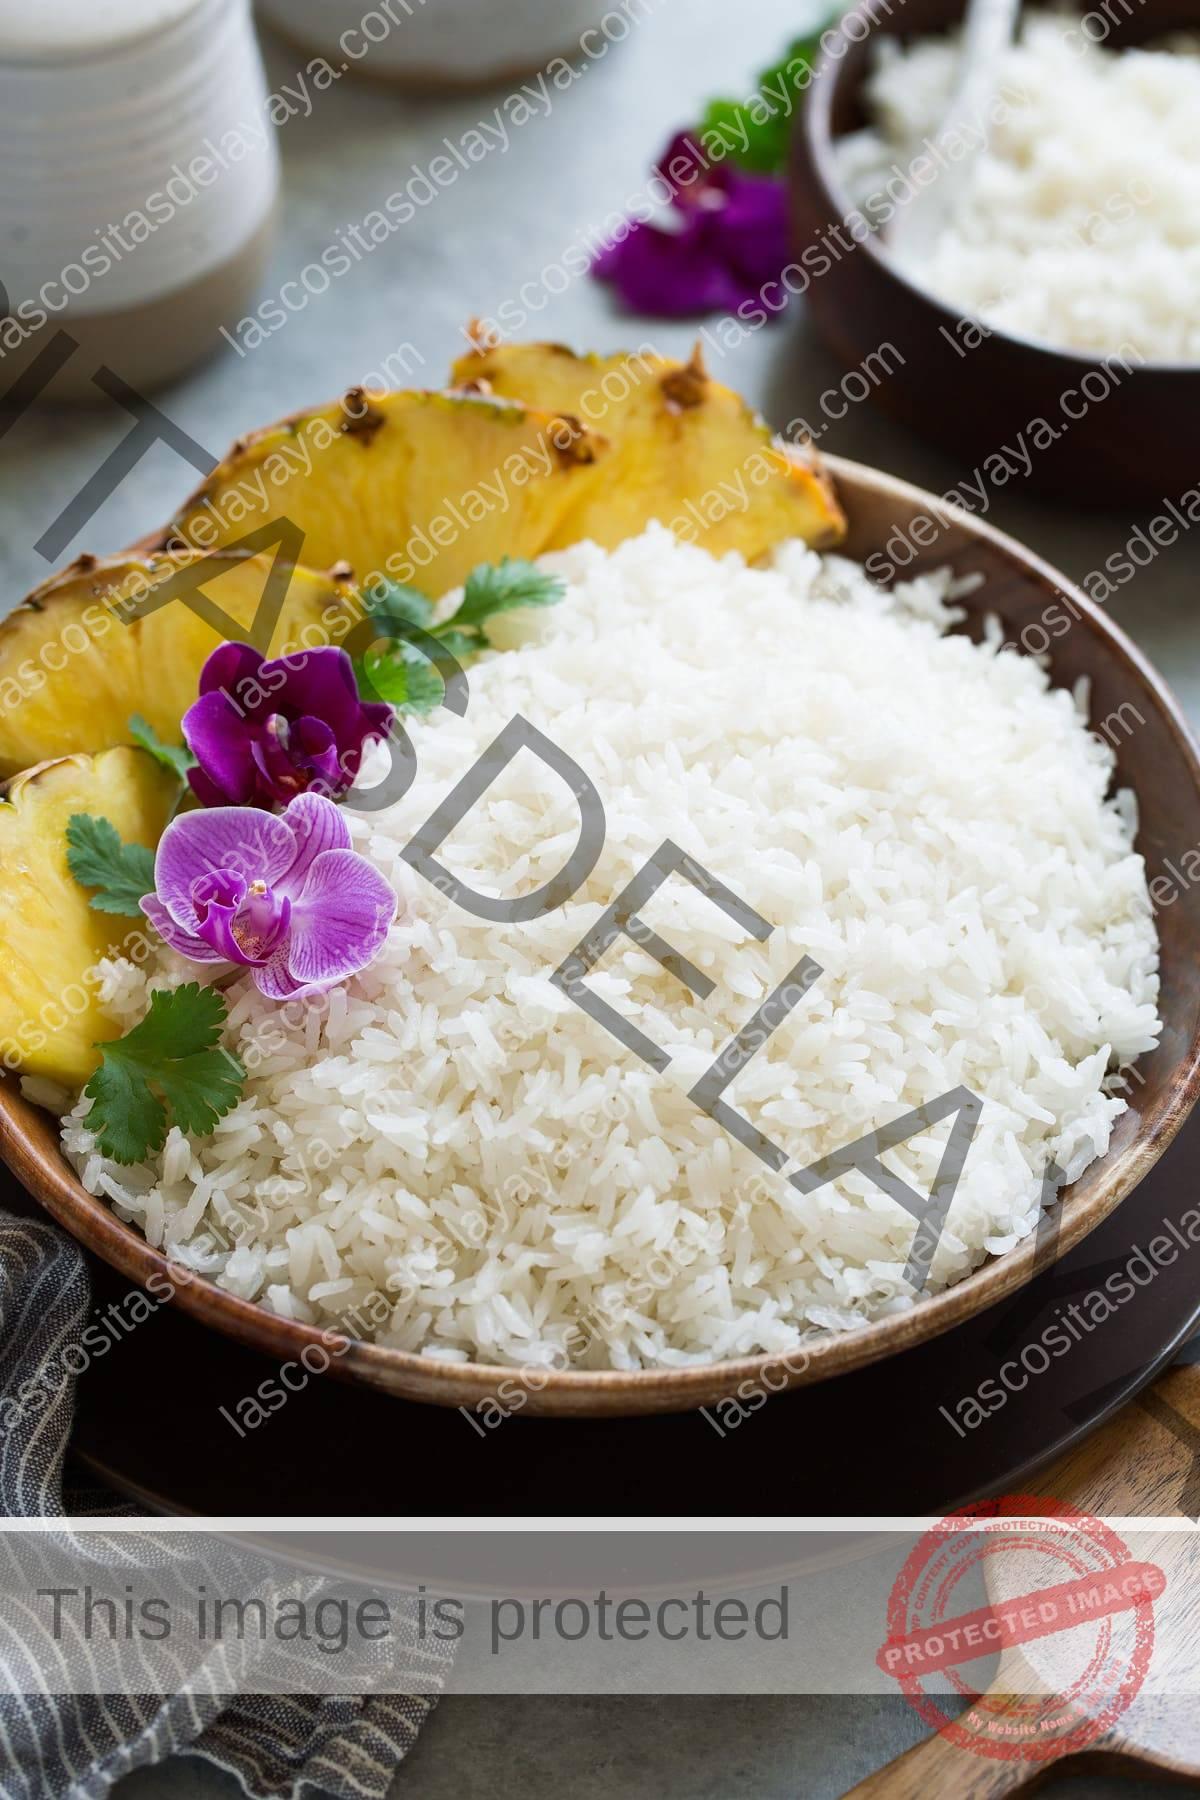 Arroz de coco en un cuenco de madera adornado con orquídeas, cilantro y rodajas de piña al lado.